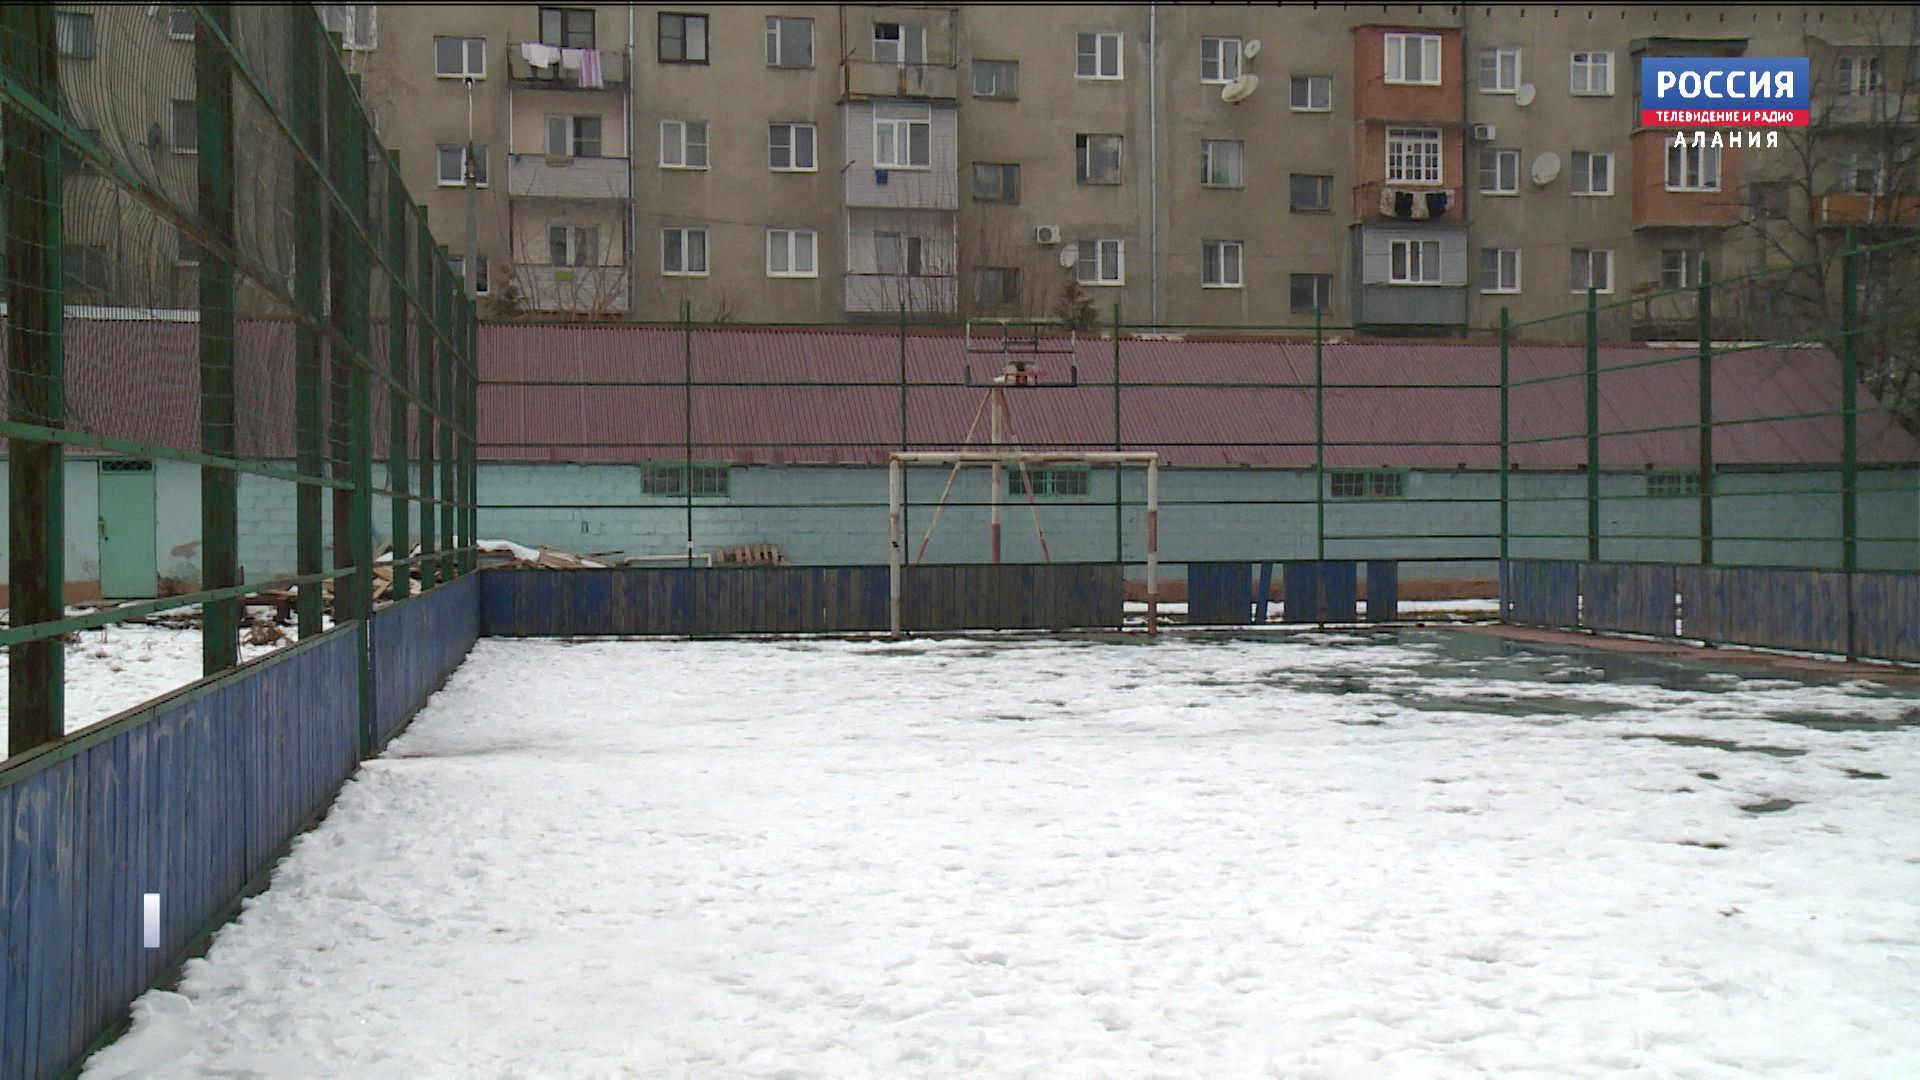 Причиной смерти жителя Владикавказа, найденного сегодня на детской площадке, могло стать самоубийство